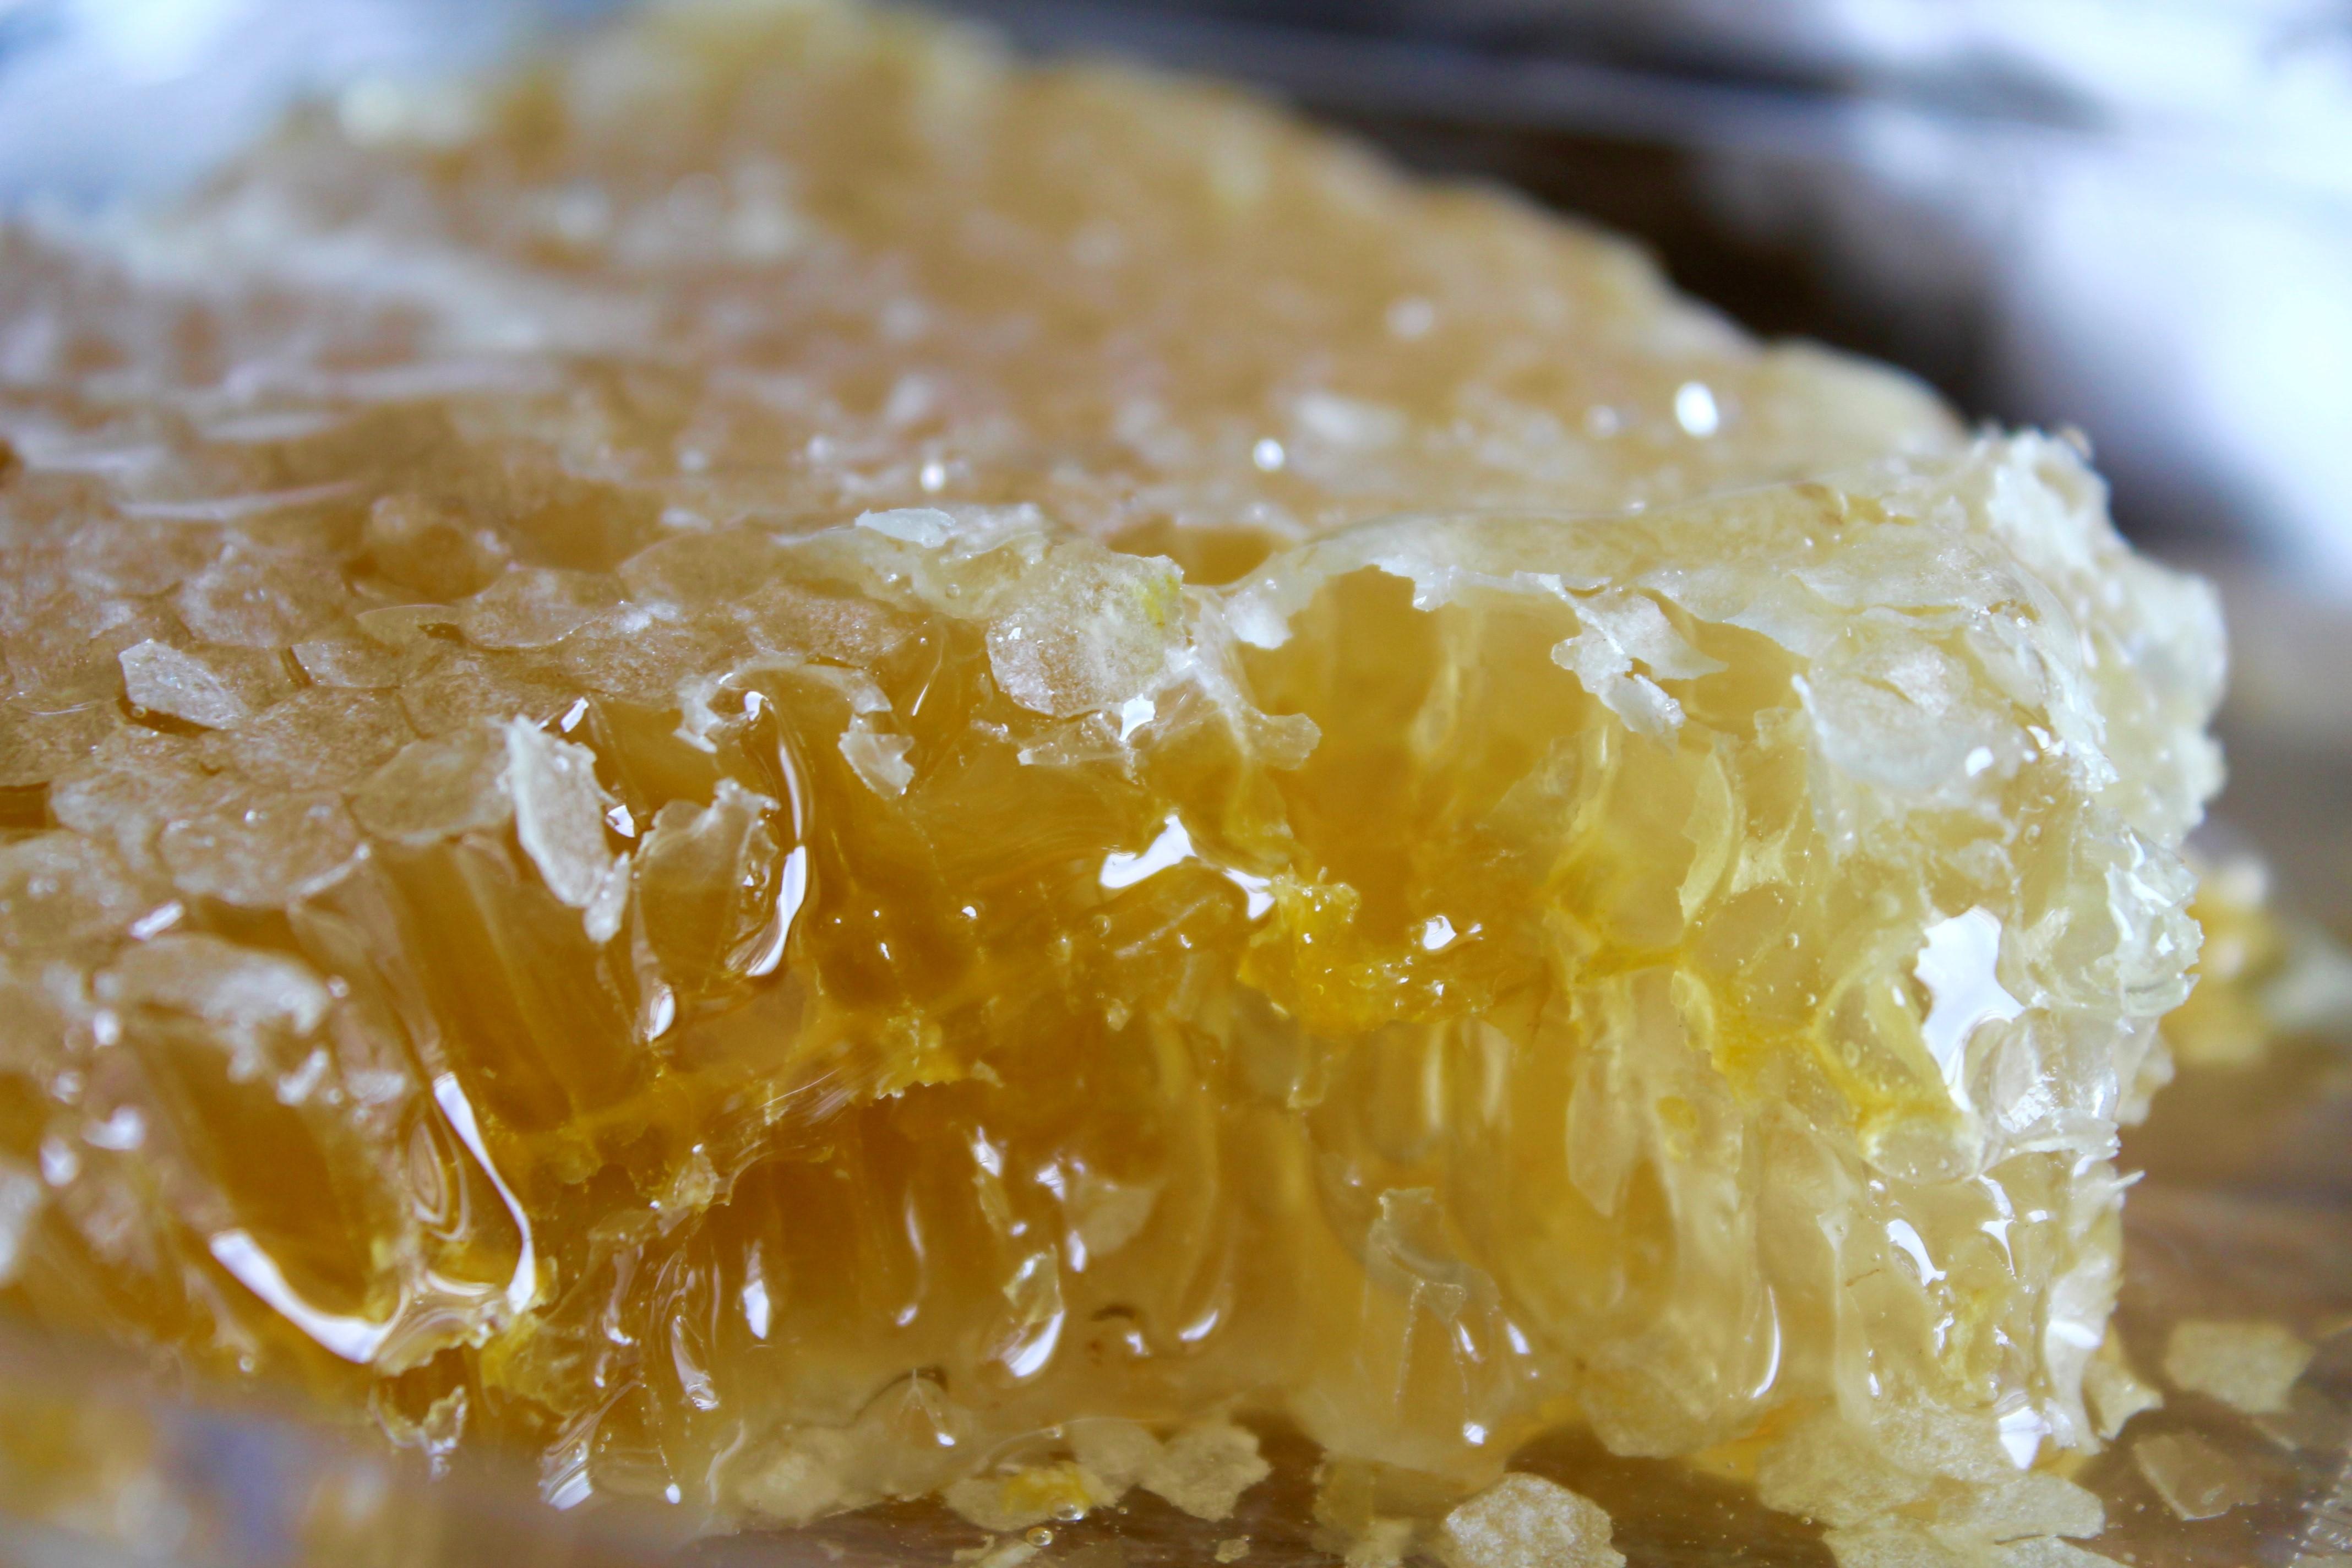 Panal de miel. Turrón Picó